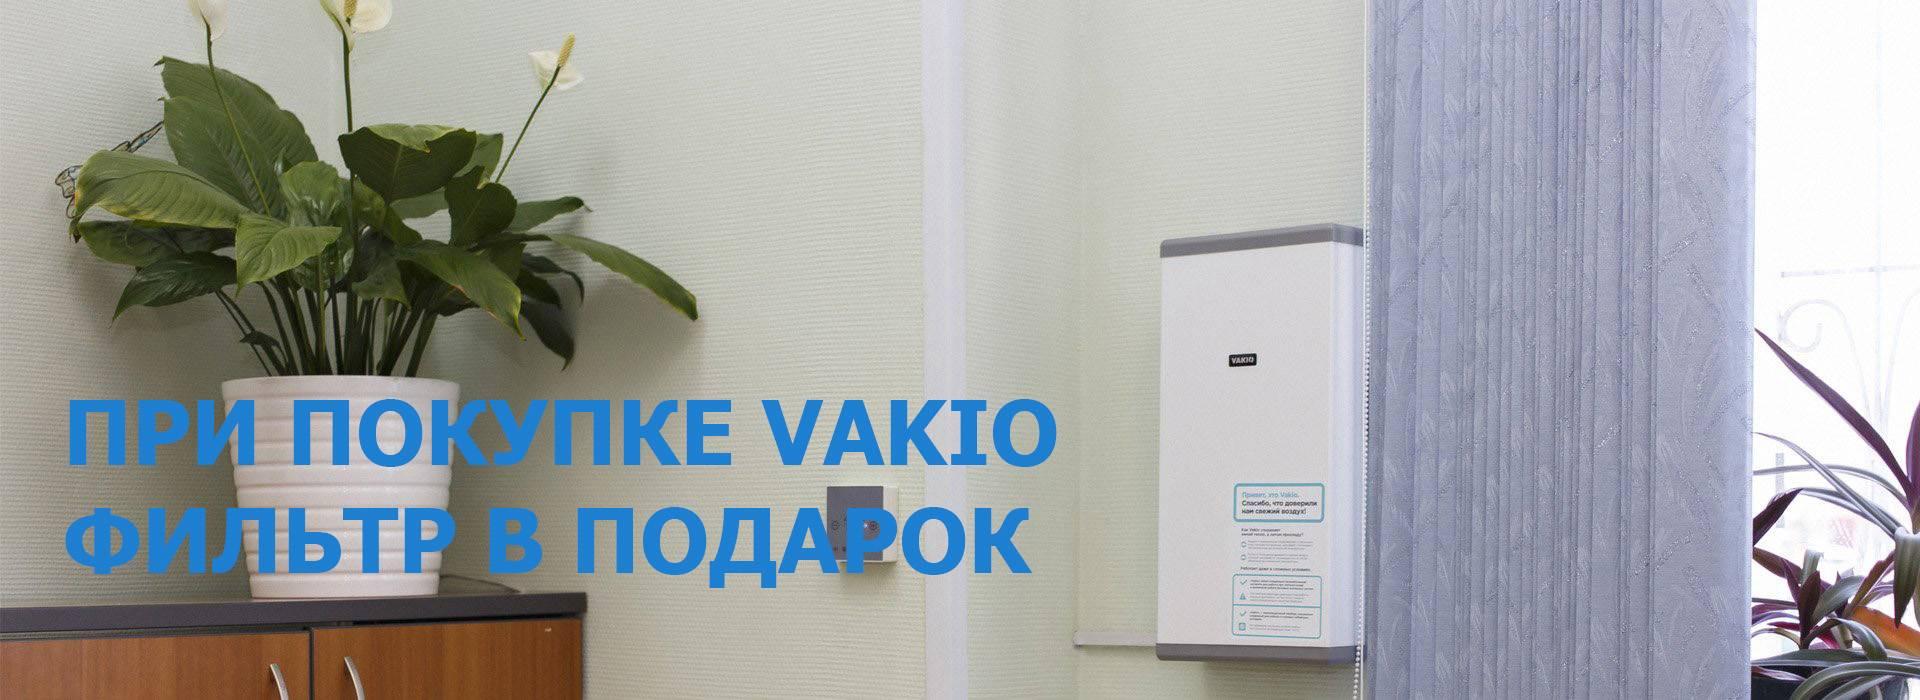 Купите рекуператор воздуха Vakio BASE и получите фильтр в подарок!